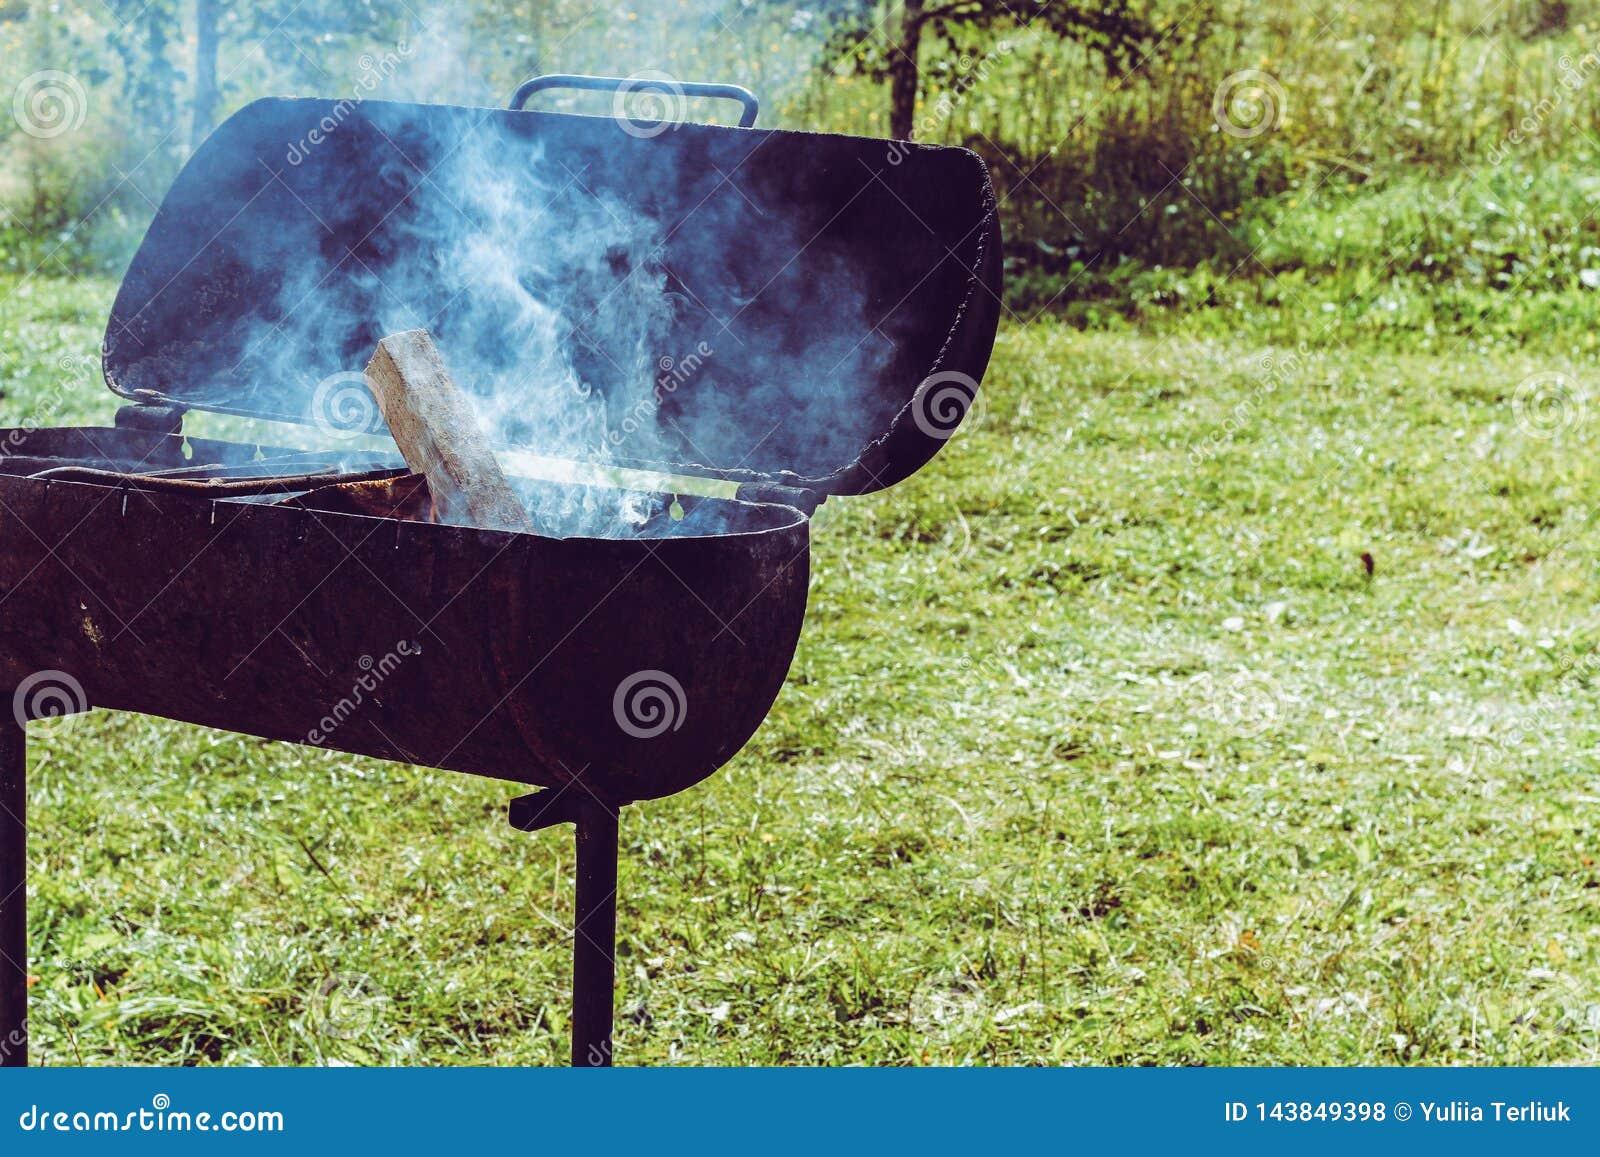 Metaalkoperslager met brand en rook bij zonnige de zomerachtergrond Voorbereiding van houtskool van hout voor een shishbarbecue o